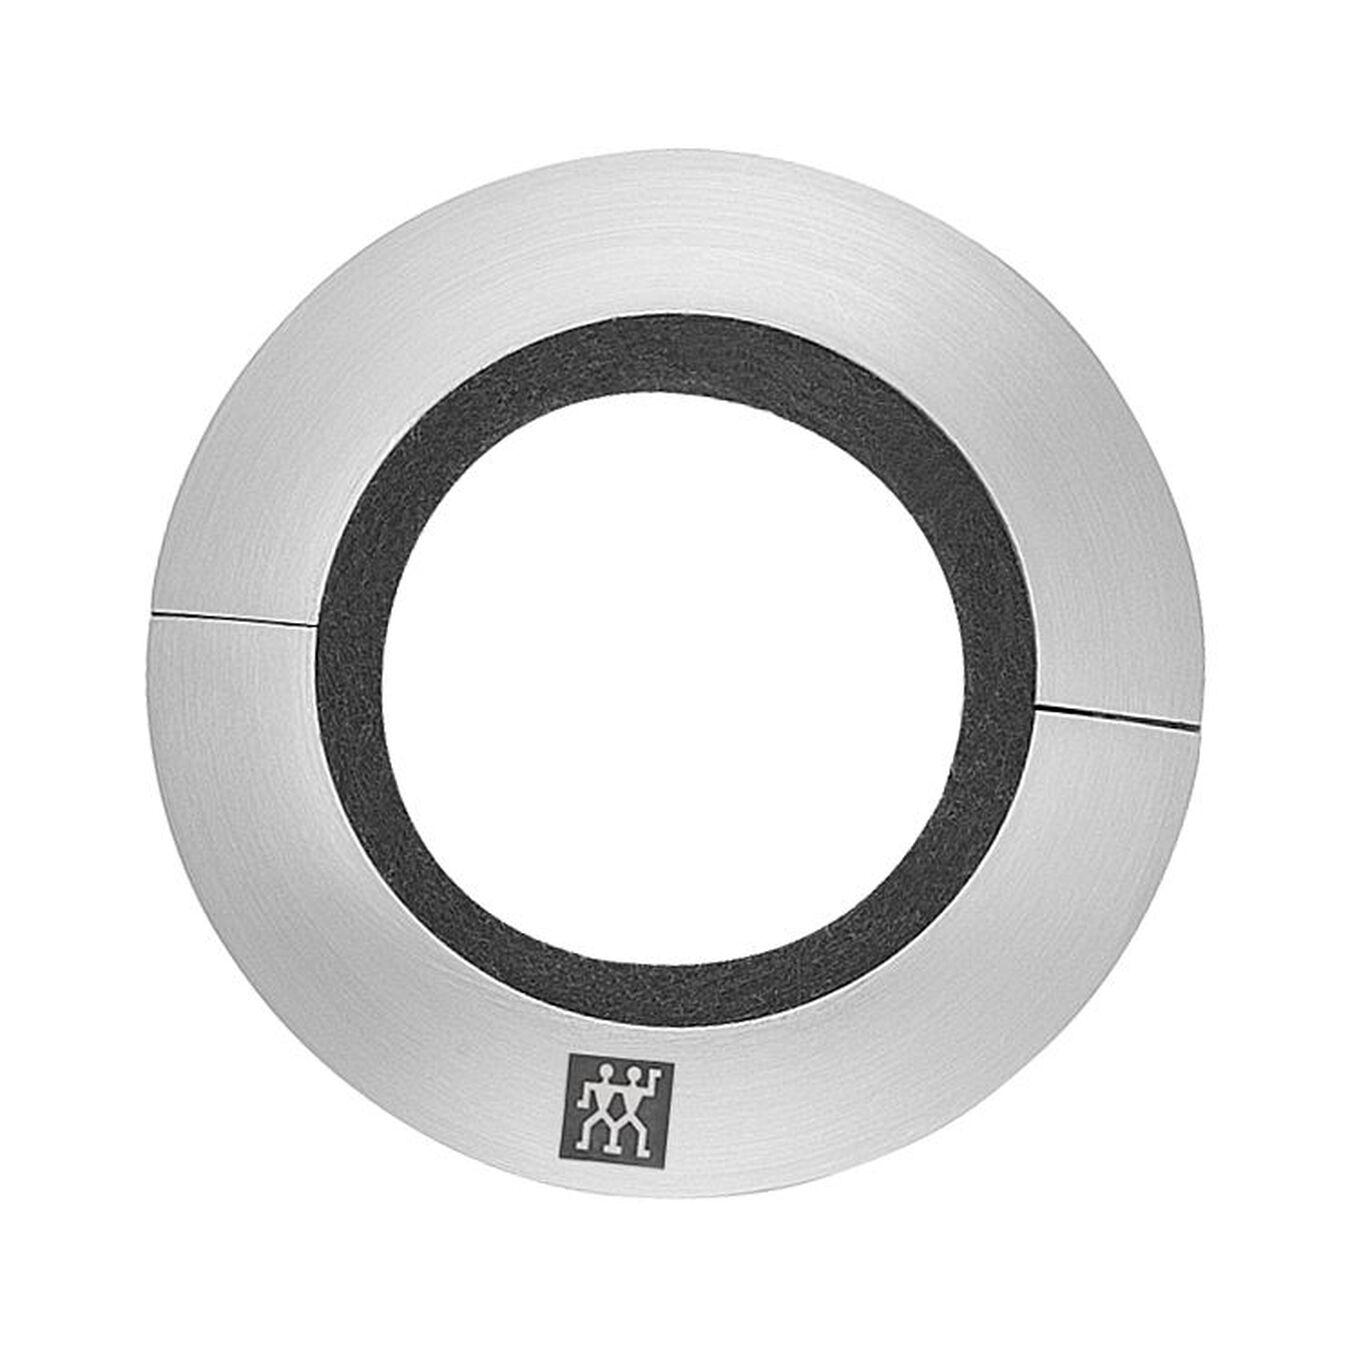 Salvagoccia - 5 cm, acciaio inox,,large 1